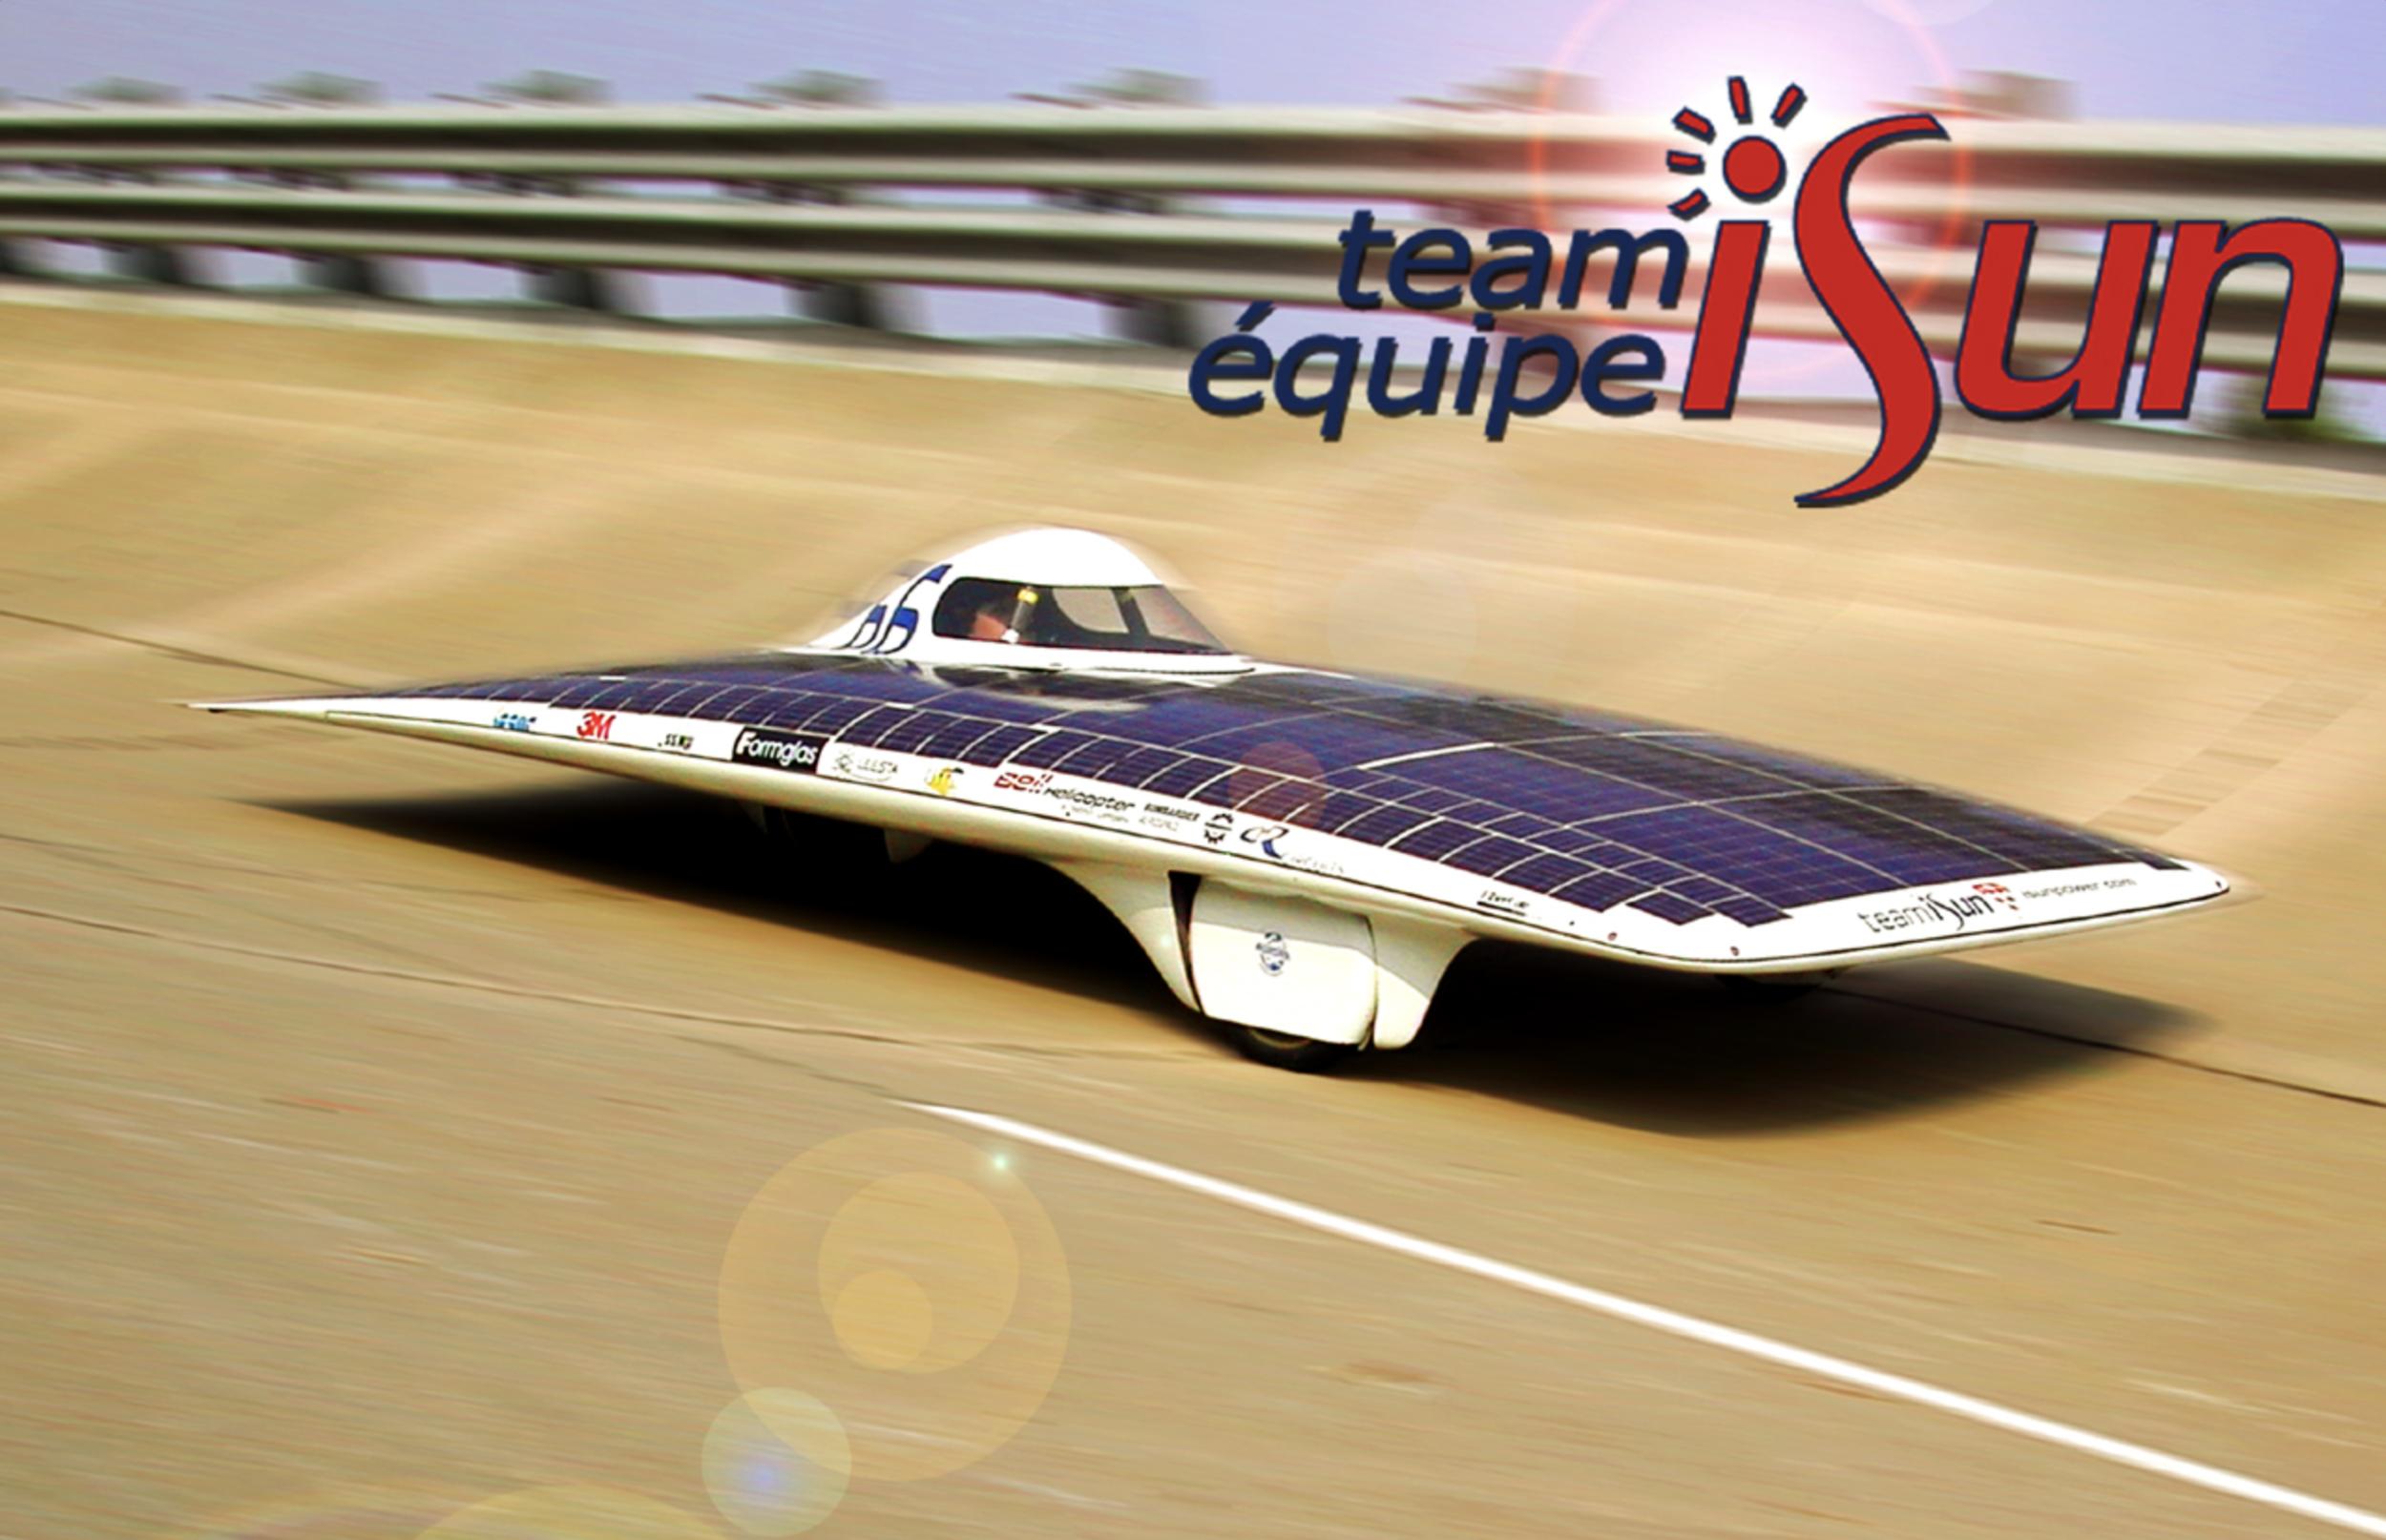 The iSun Solar car on the test track.